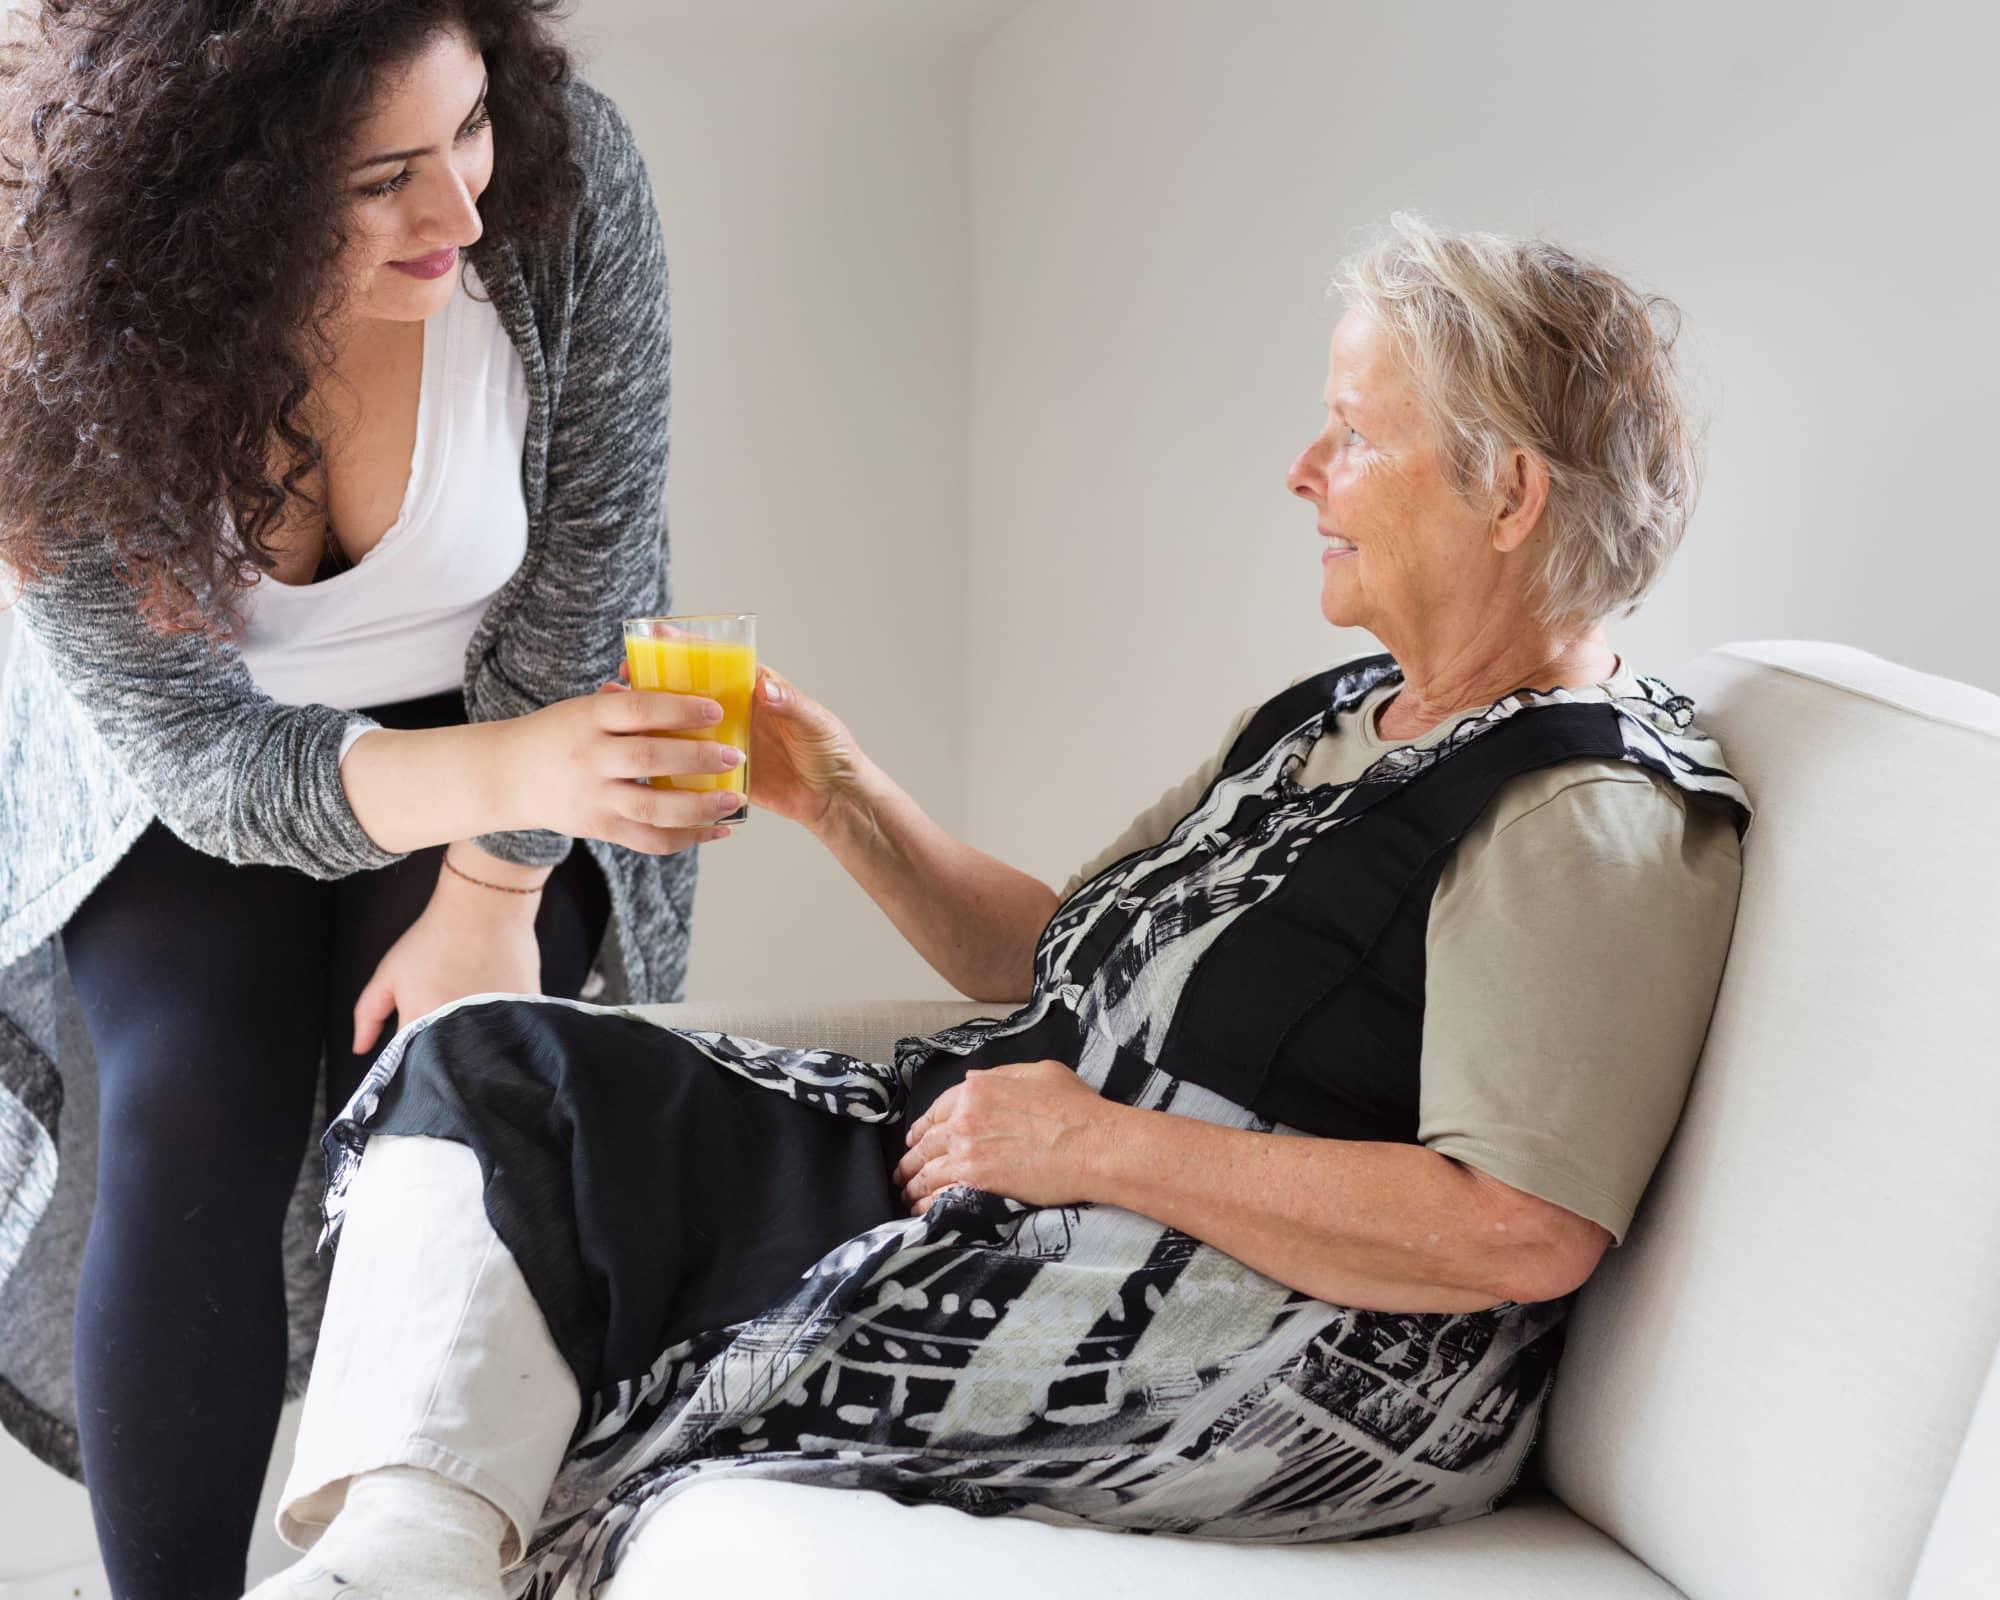 faciliter la vie des aidants habit senior aidant donnant à boire à un senior